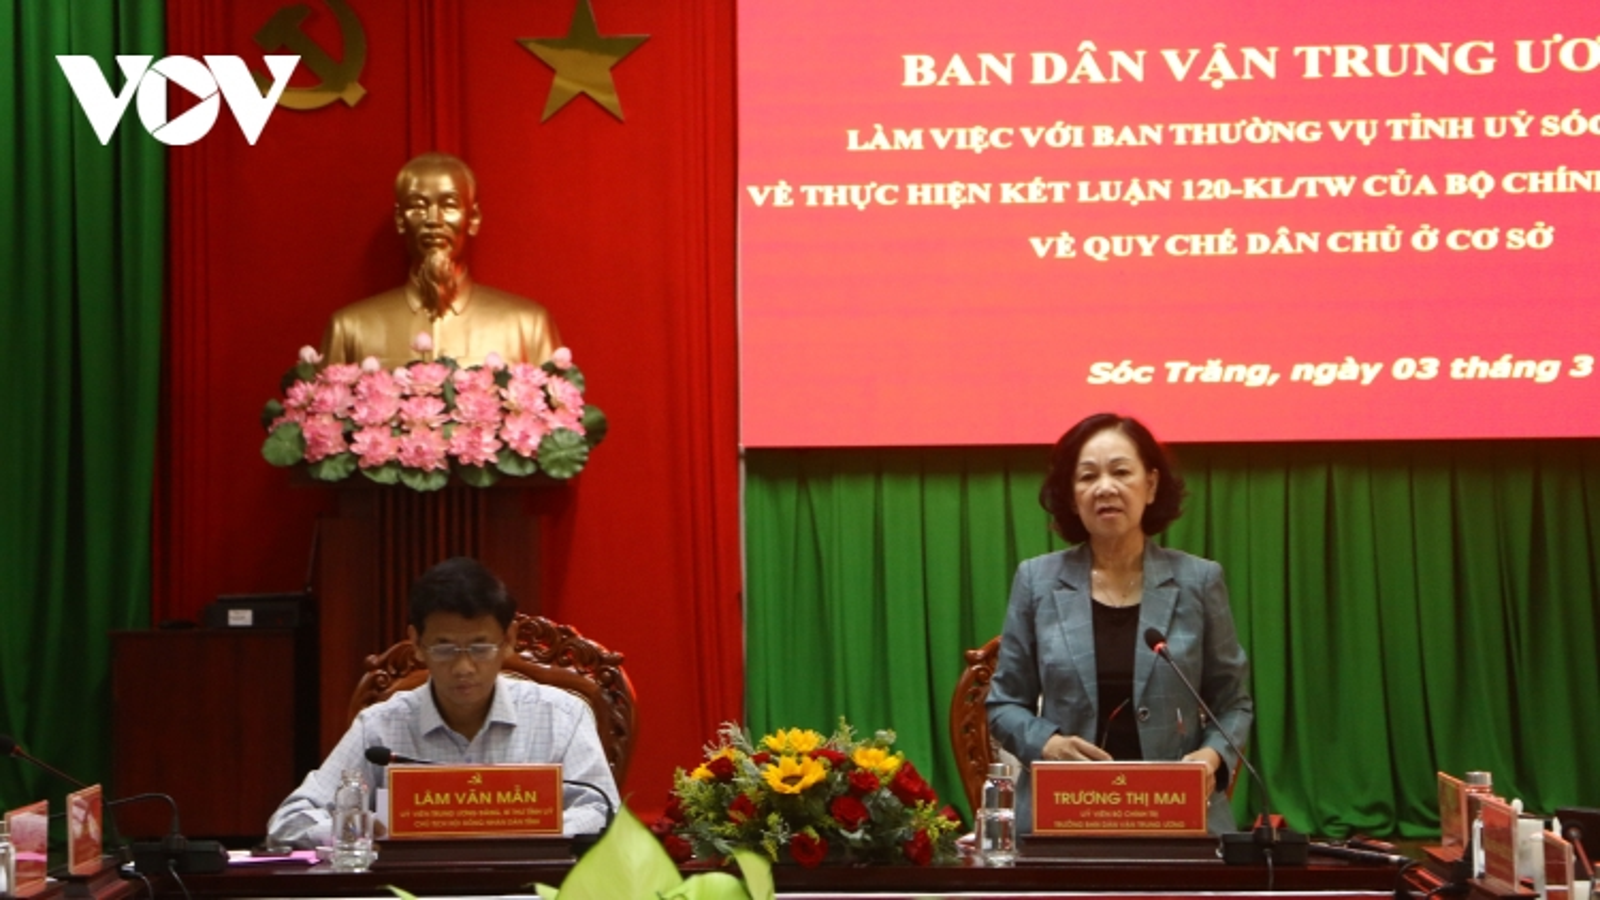 Trưởng Ban Dân vận TƯTrương Thị Mai: Thực hiện quy chế dân chủ ở cơ sở phải có giám sát